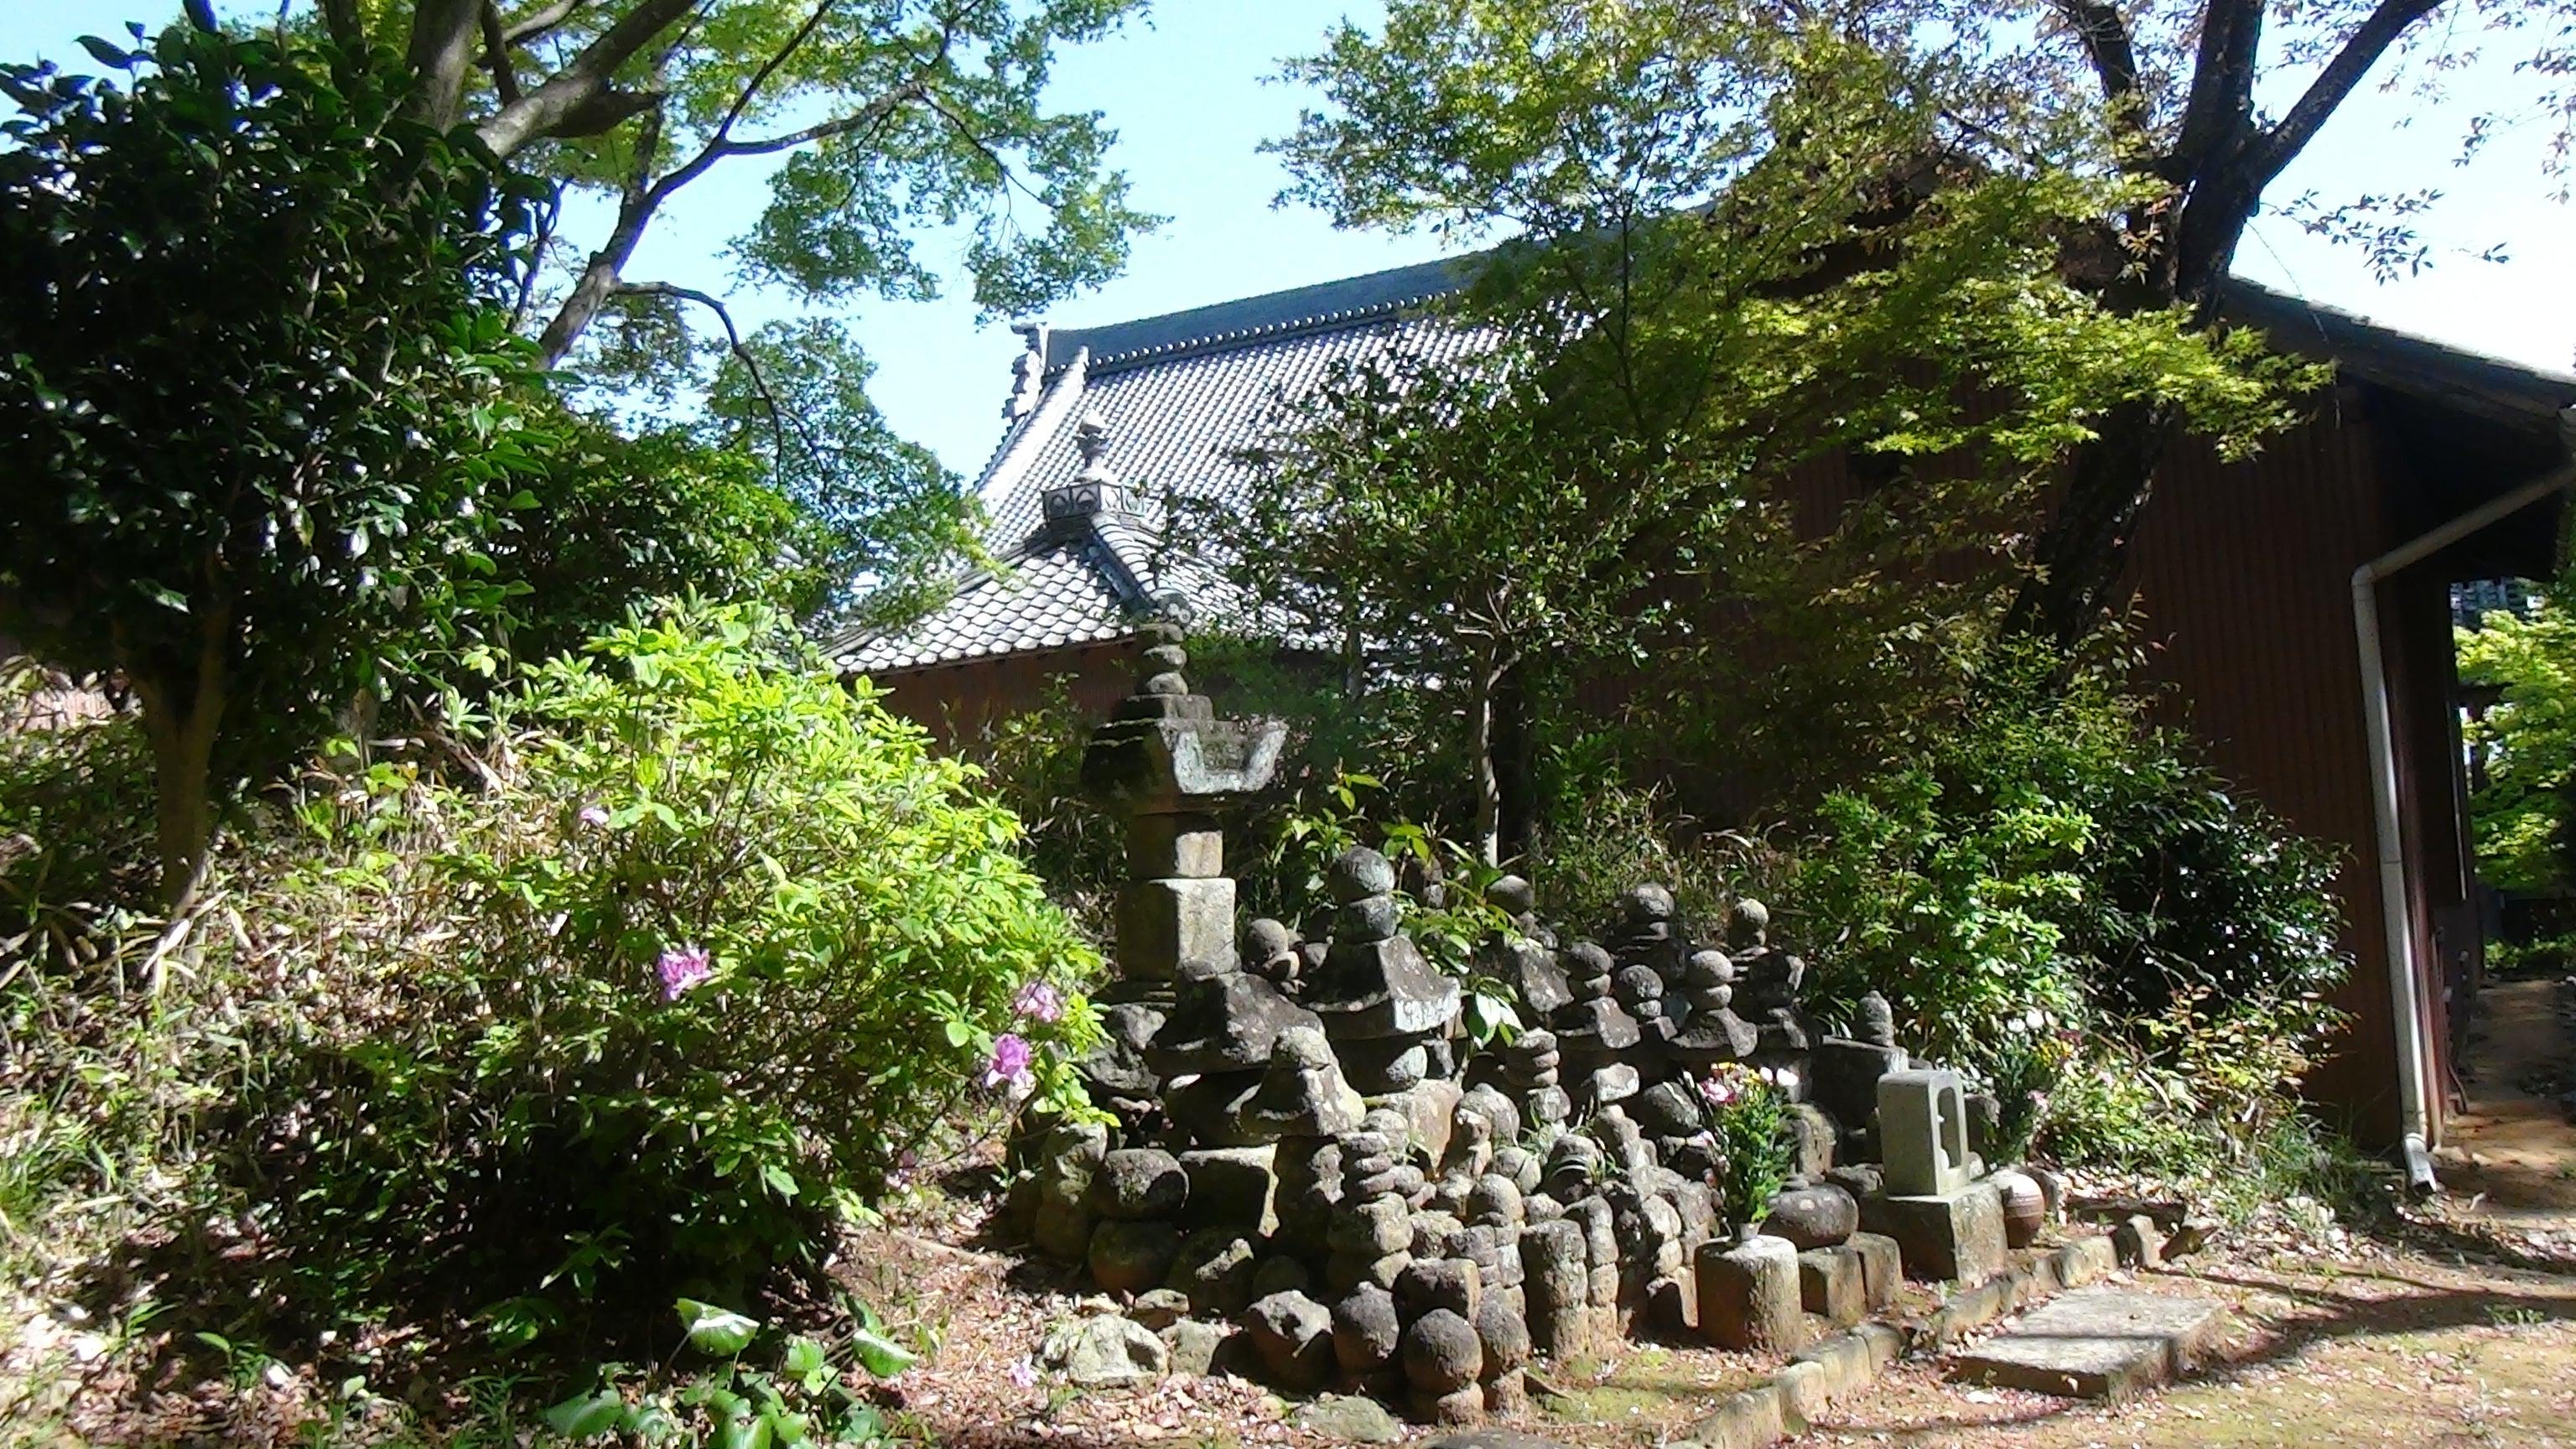 三ヶ根の祈り のブログNHK大河ドラマ「鎌倉殿の13人」と三ヶ根観音の繋がり